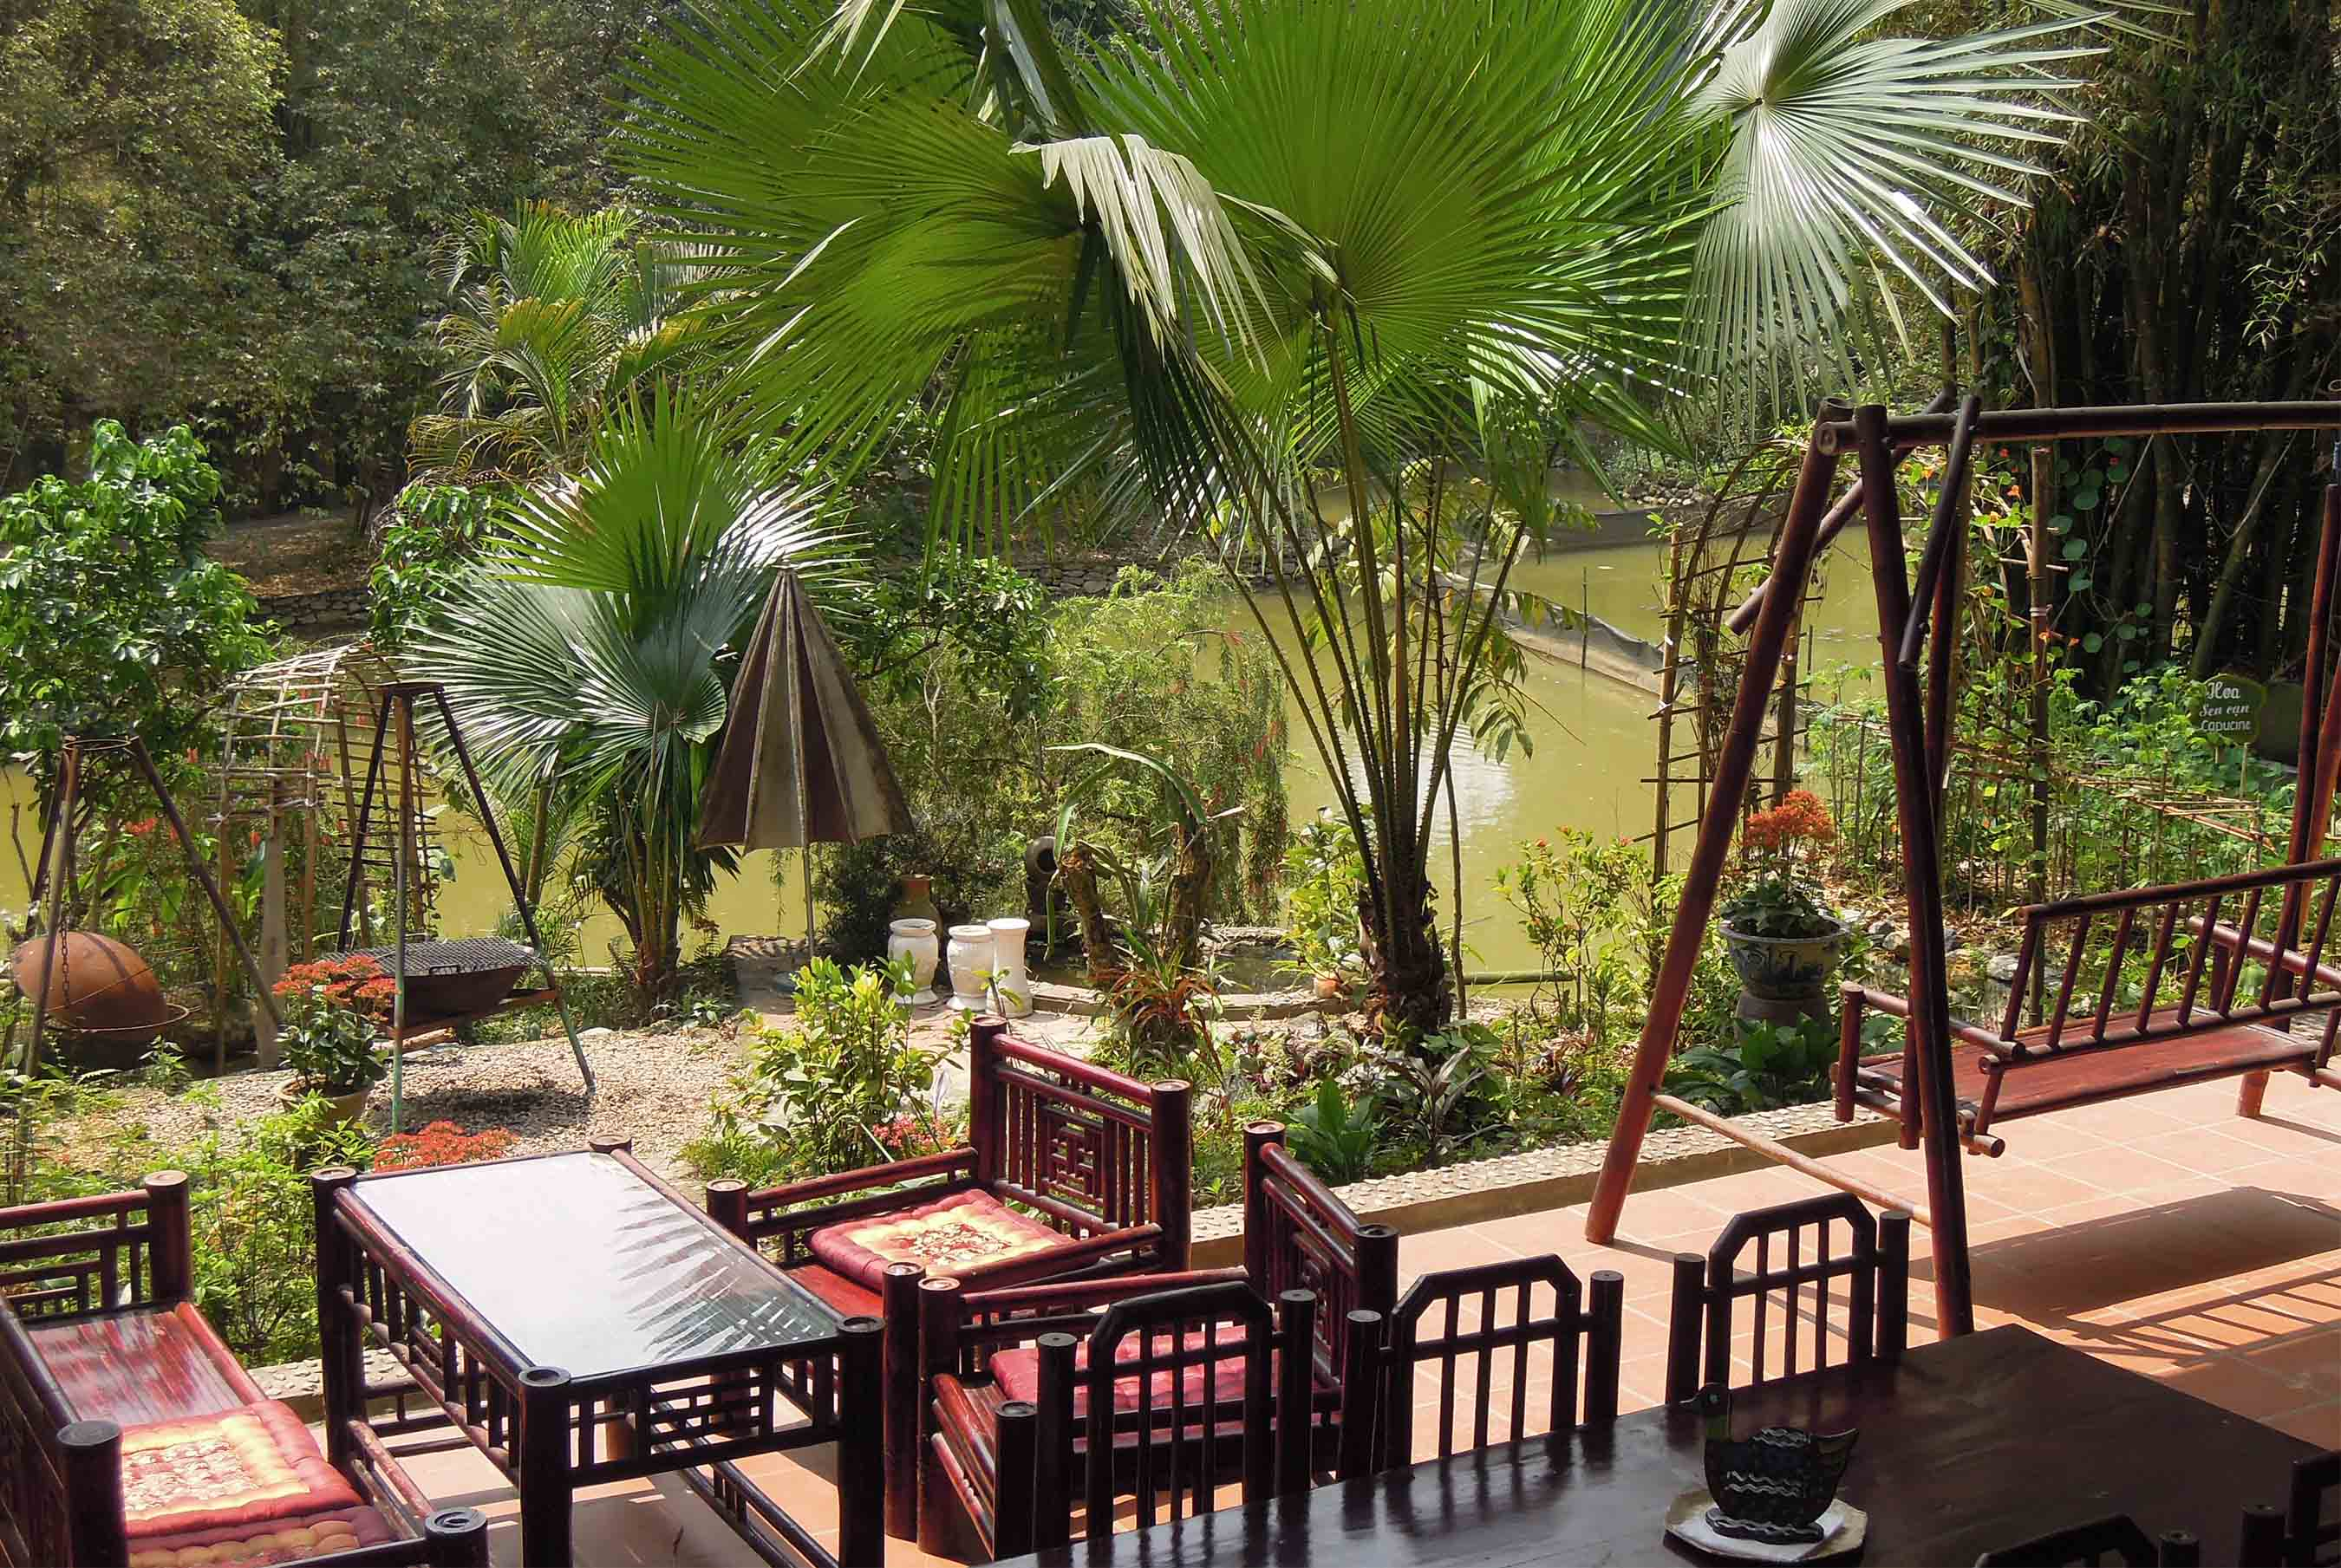 Vịt cổ xanh ResortĐịa điểm họp lớp gần Hà Nội 1